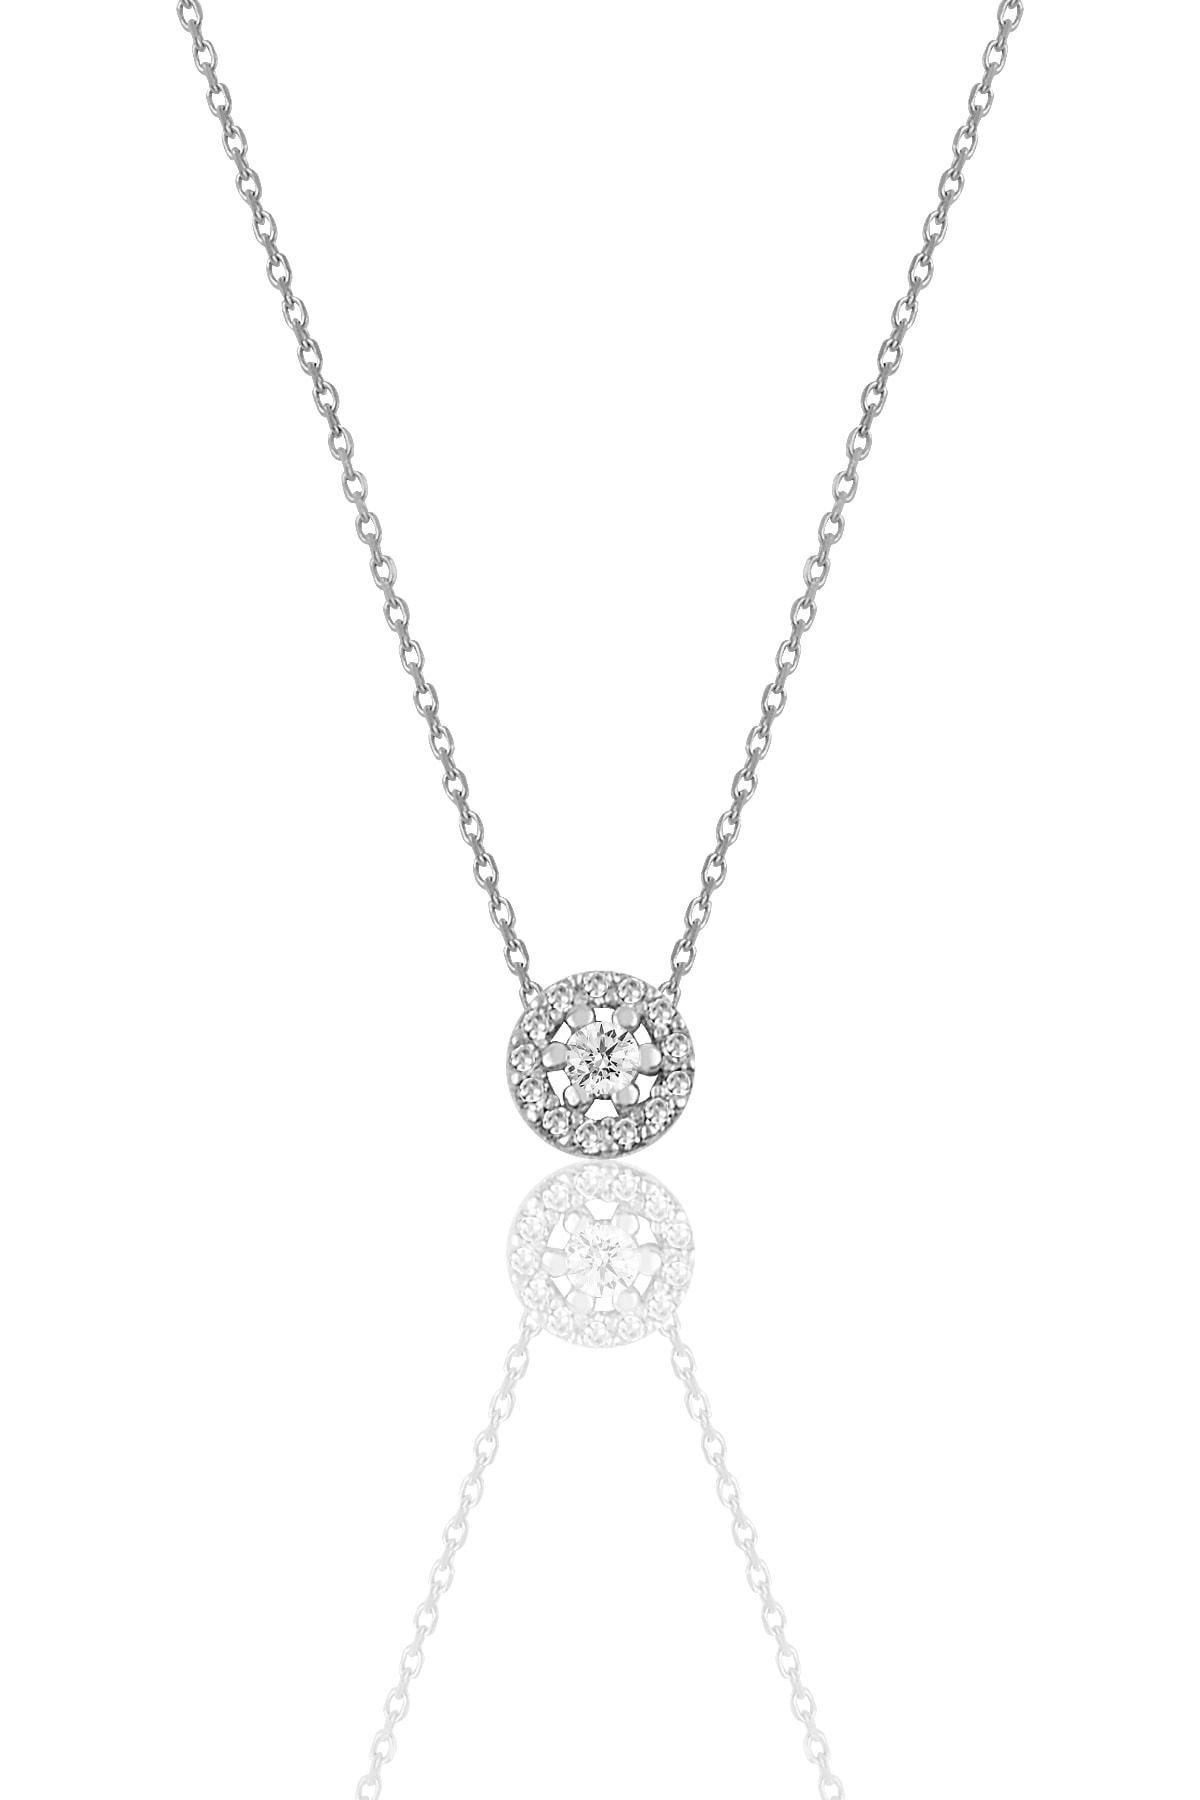 Kadın Gümüş Mini Pırlanta Modeli Kolye SGTL9904